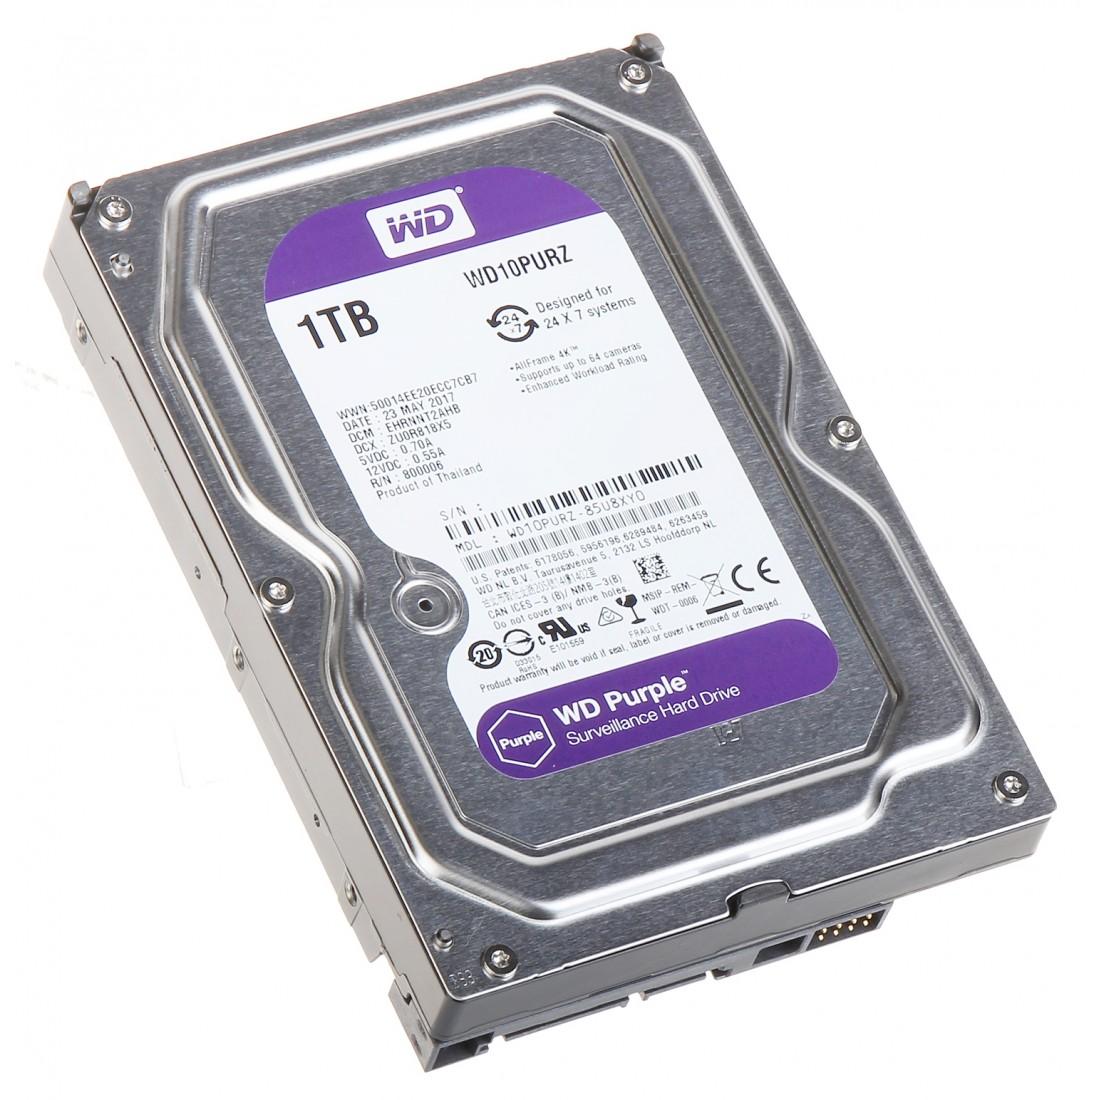 HDD PRE DVR HDD-WD10PURZ 1TB 24/7 WESTERN DIGITAL